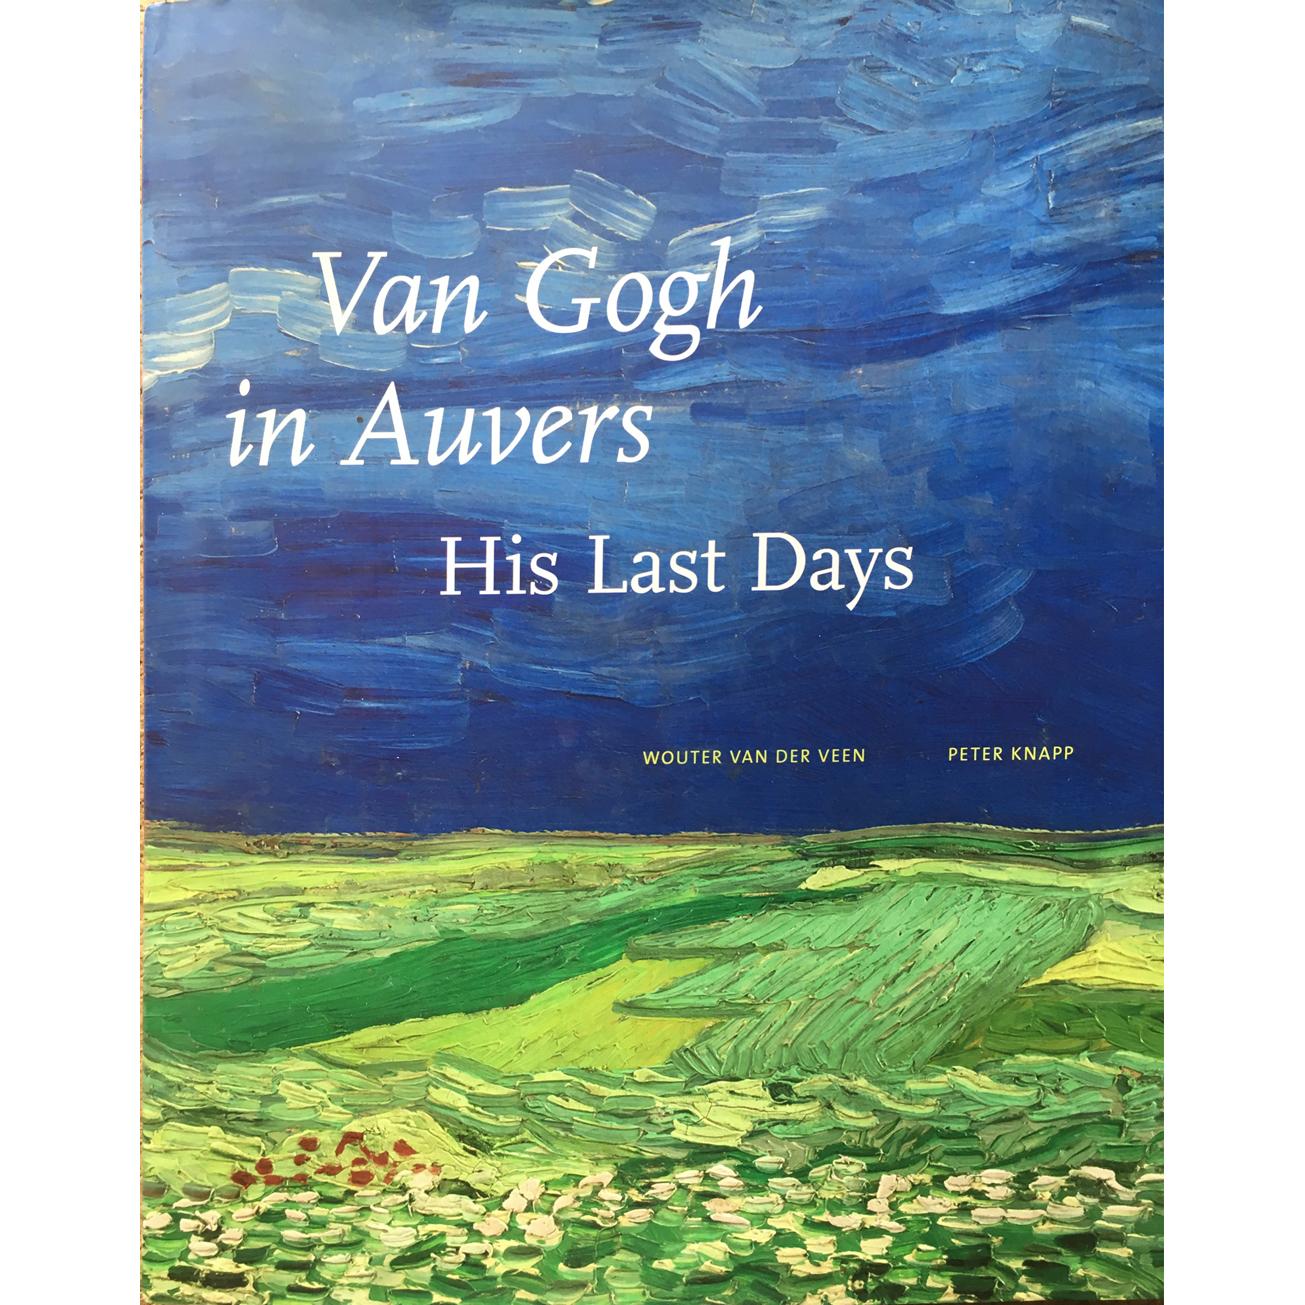 Van Gogh last days.jpg